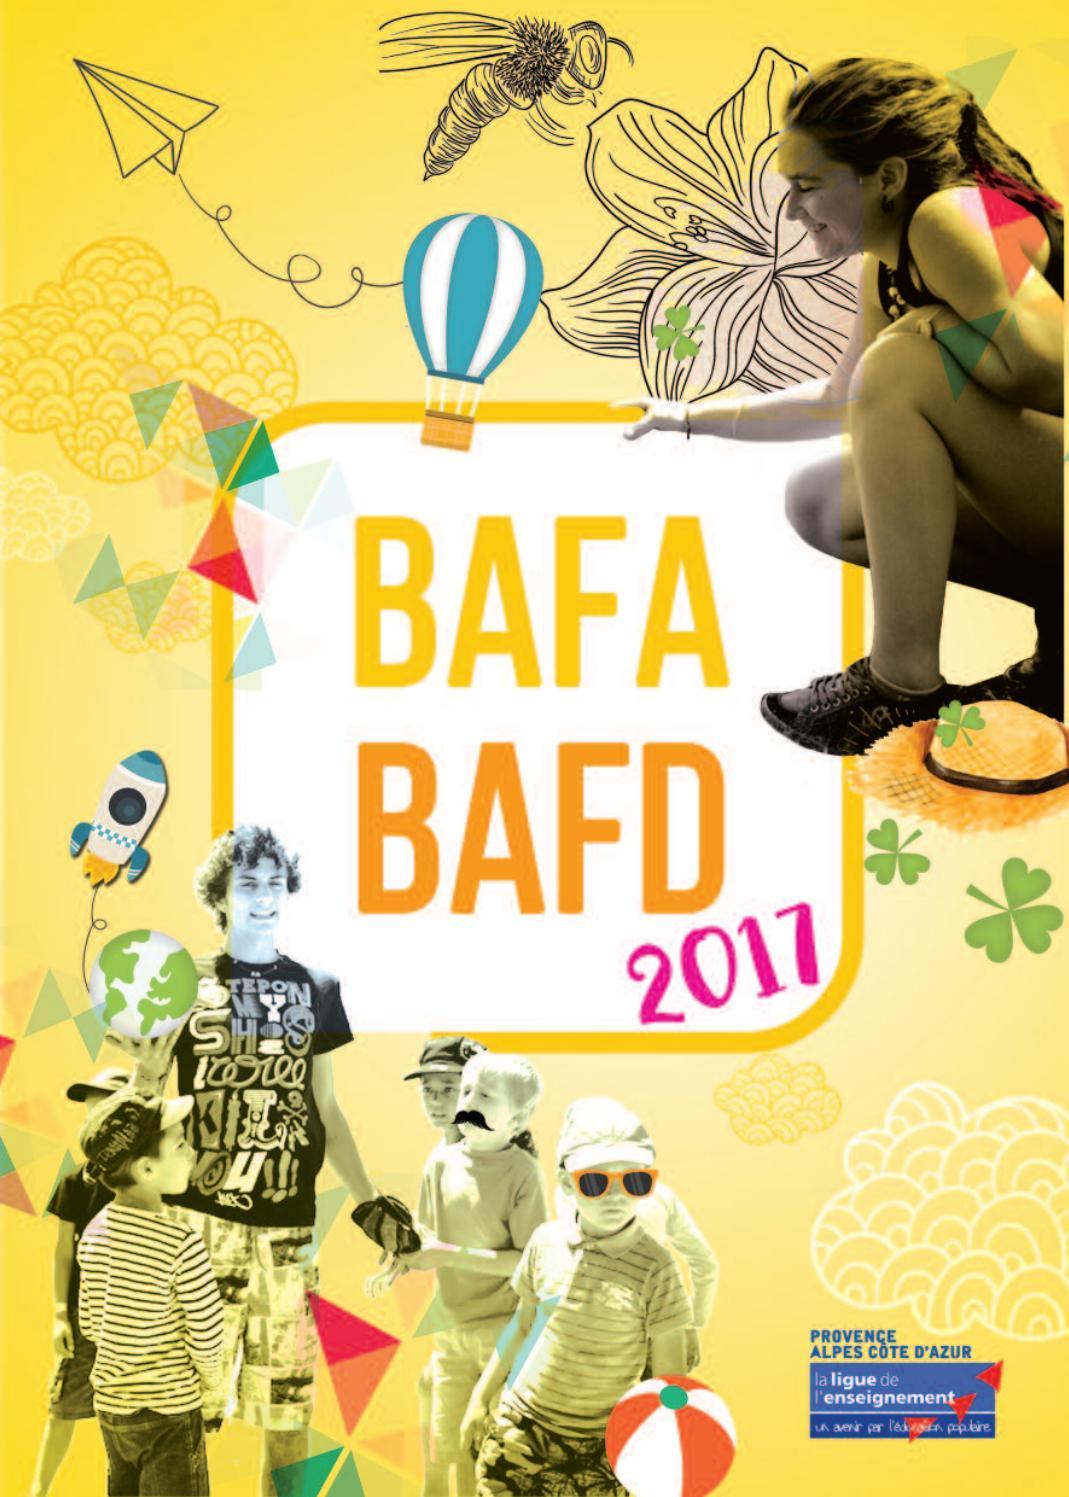 Plaquette BAFABAFD 2017 by La Ligue de l'enseignement